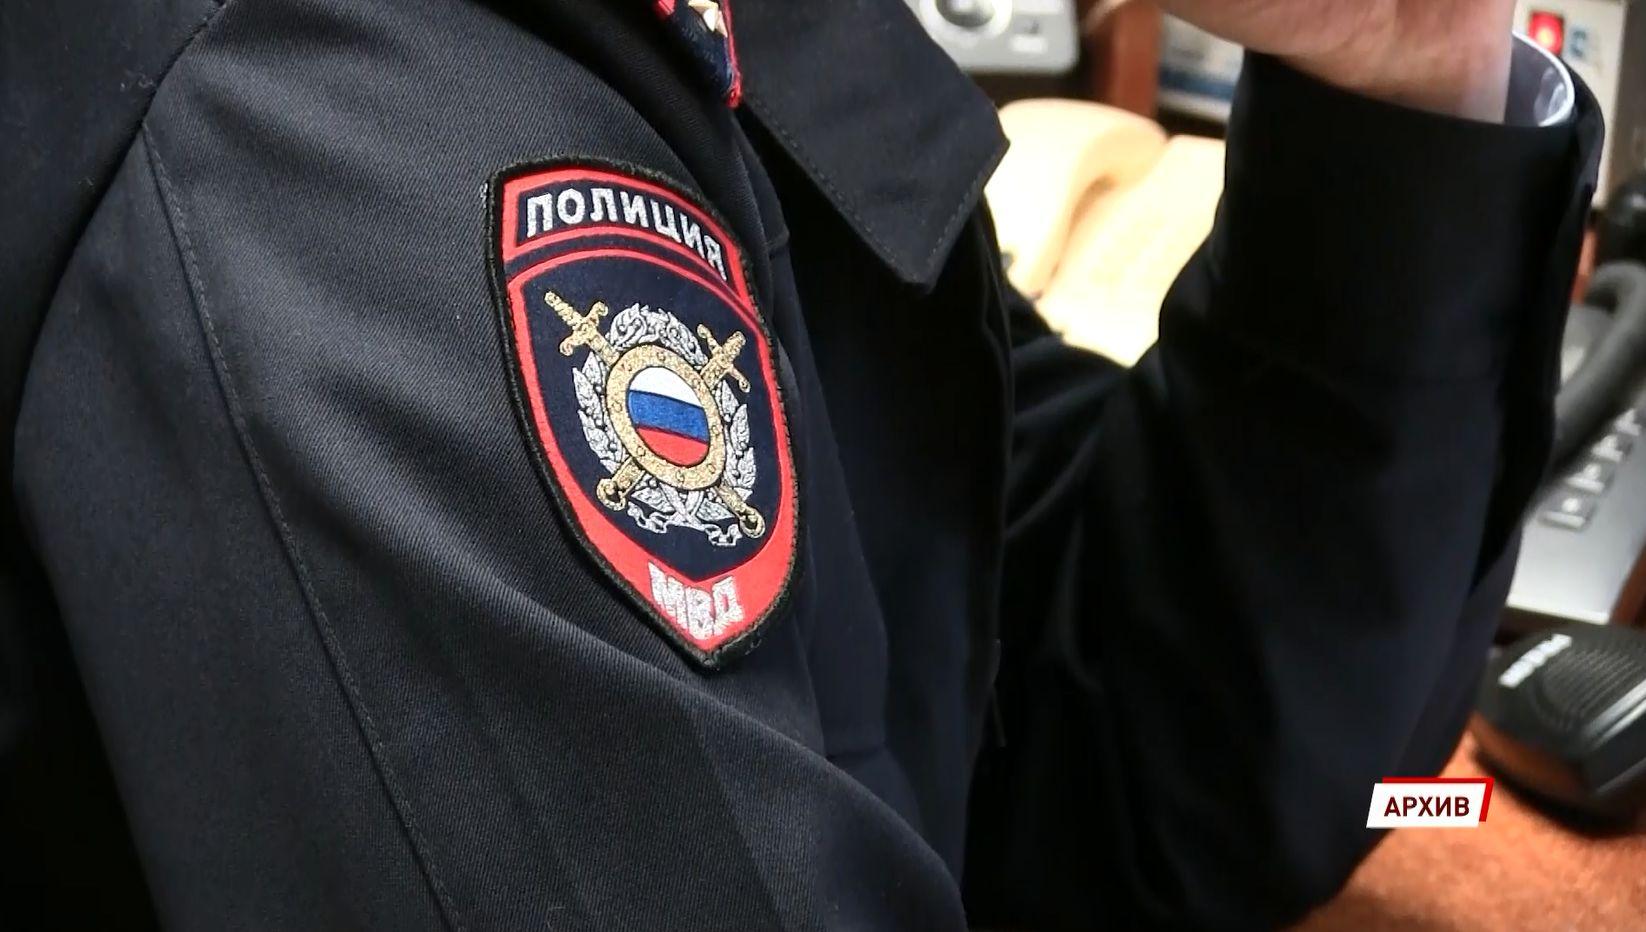 Сразу трое жителей Гаврилов-Ямского района Ярославской области стали жертвами мошенника